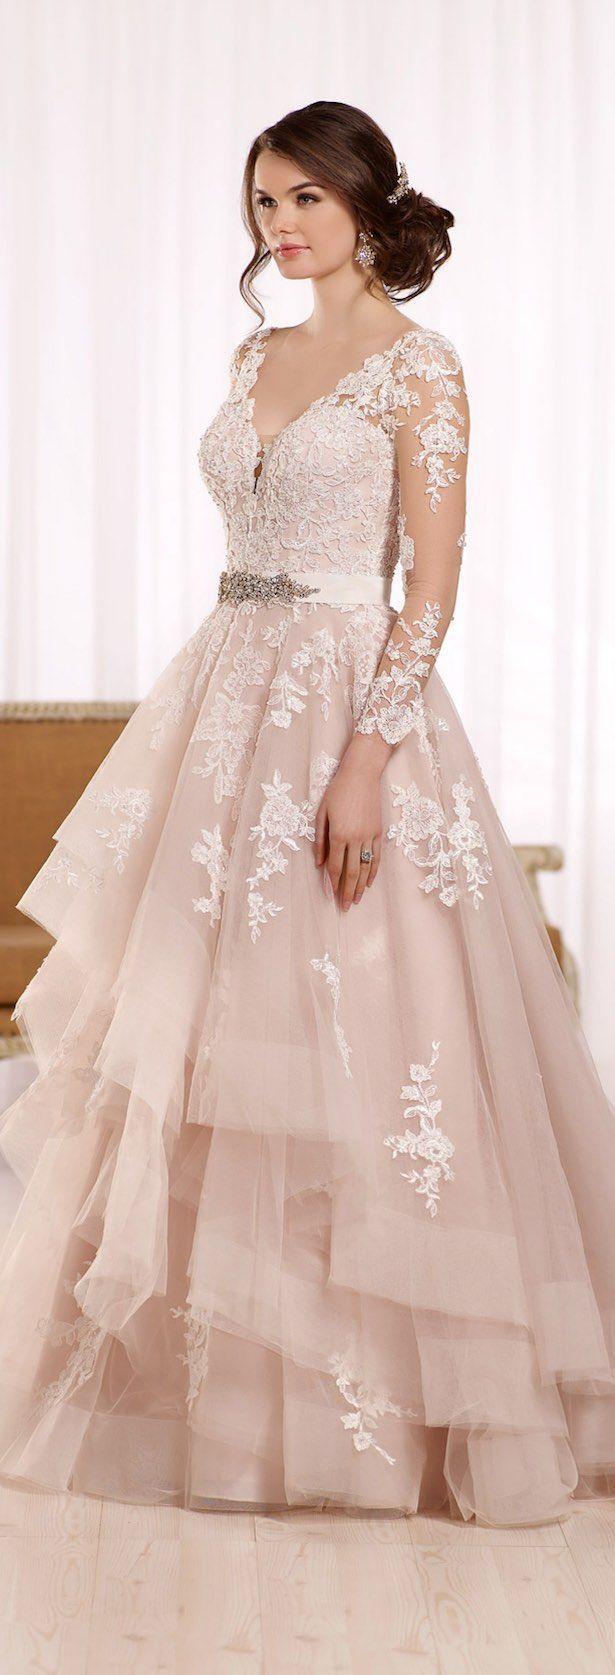 Best 189 FANCY DRESSES ideas on Pinterest | Wedding frocks, Bridal ...